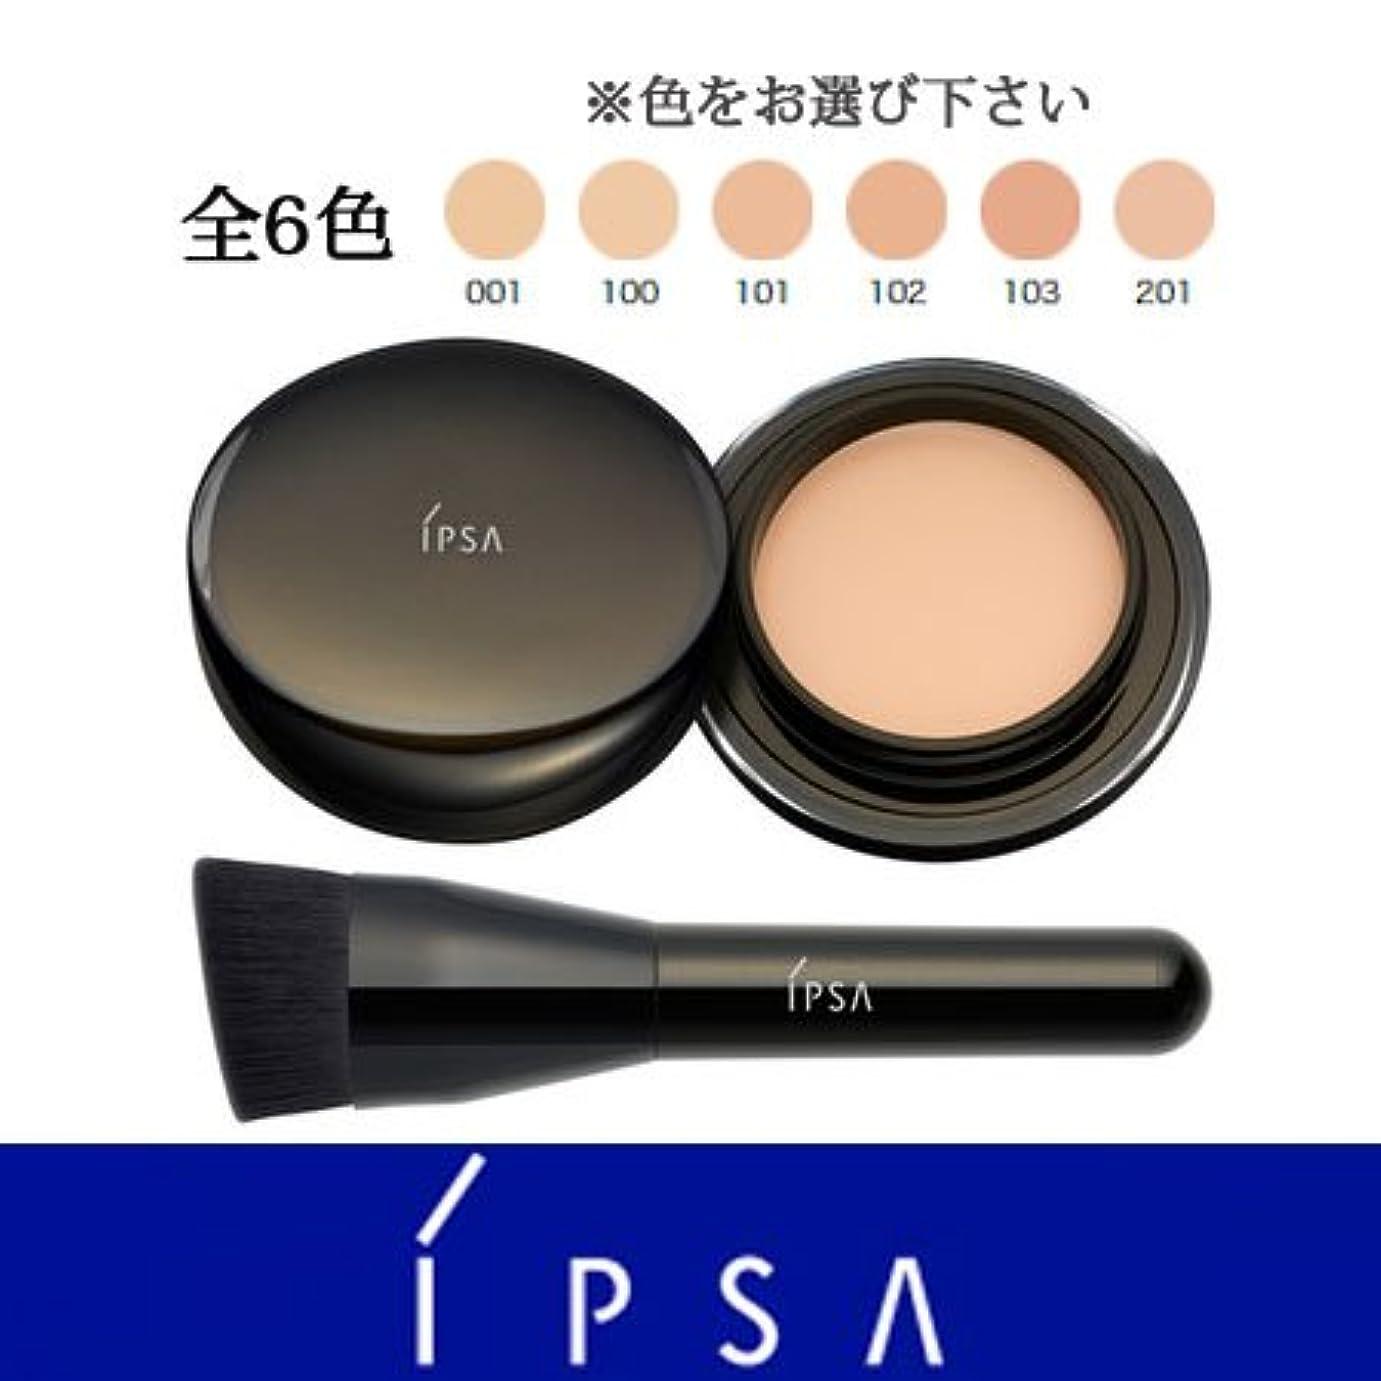 通訳優雅な推進力イプサ ファウンデイション アルティメイト 全6色 -IPSA- 001